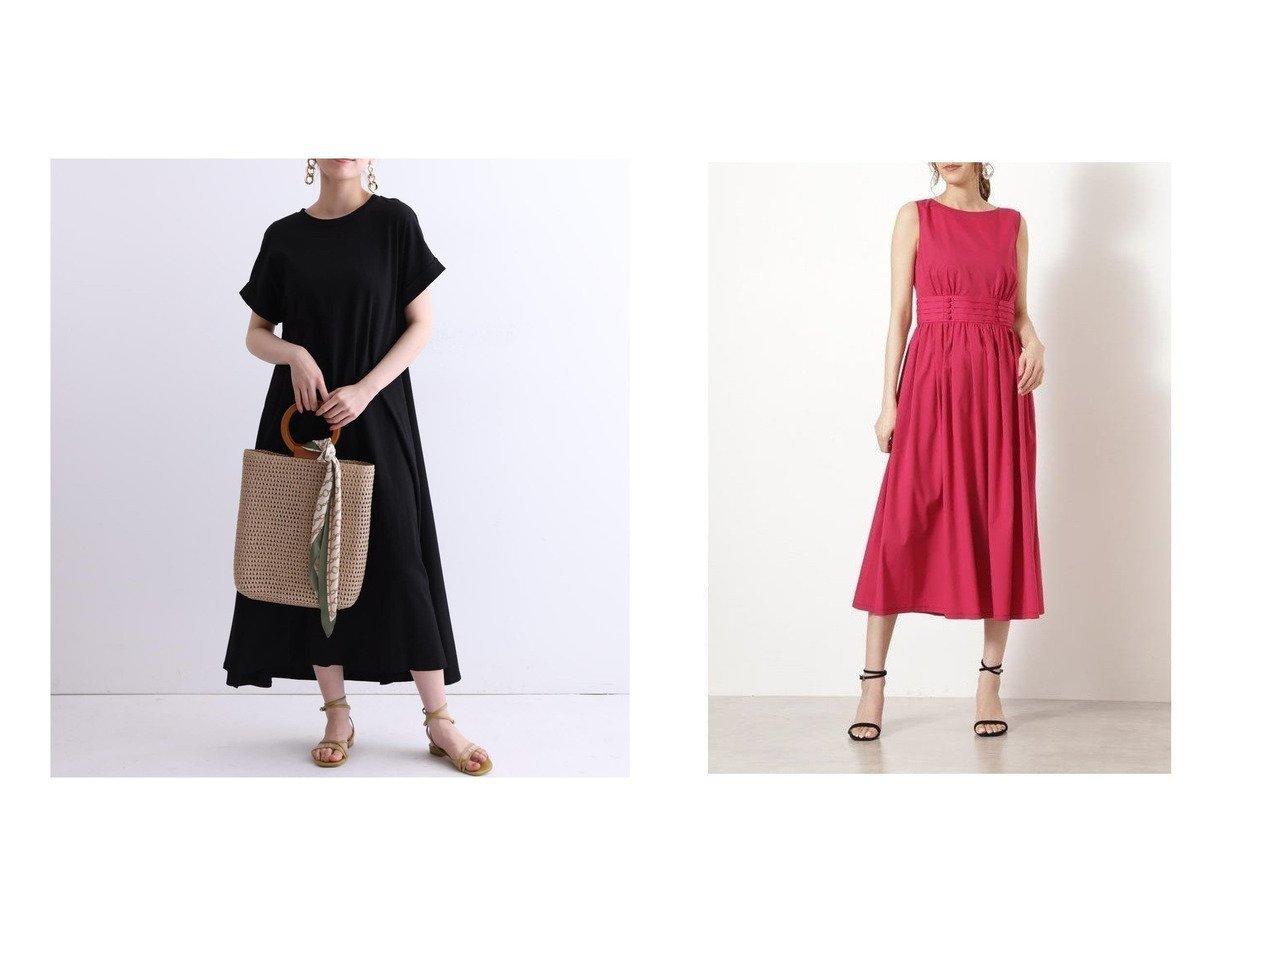 【Mystrada/マイストラーダ】のバックシャンカットワンピース&【JILL STUART/ジルスチュアート】のナターシャワンピース 【ワンピース・ドレス】おすすめ!人気、トレンド・レディースファッションの通販 おすすめで人気の流行・トレンド、ファッションの通販商品 インテリア・家具・メンズファッション・キッズファッション・レディースファッション・服の通販 founy(ファニー) https://founy.com/ ファッション Fashion レディースファッション WOMEN ワンピース Dress カットソー フレア リボン フェミニン フリル リラックス  ID:crp329100000054609